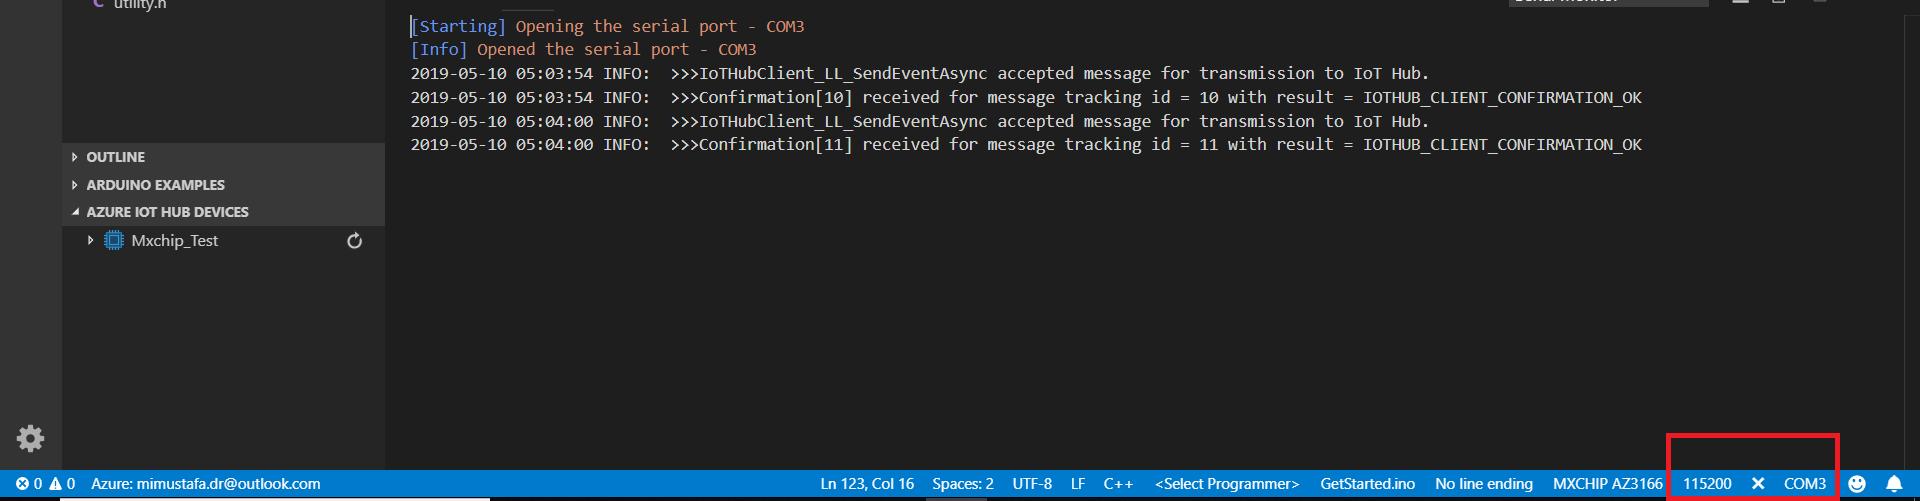 mx9 1 - Working with MxChip AZ3166 IoT DevKit-Part II